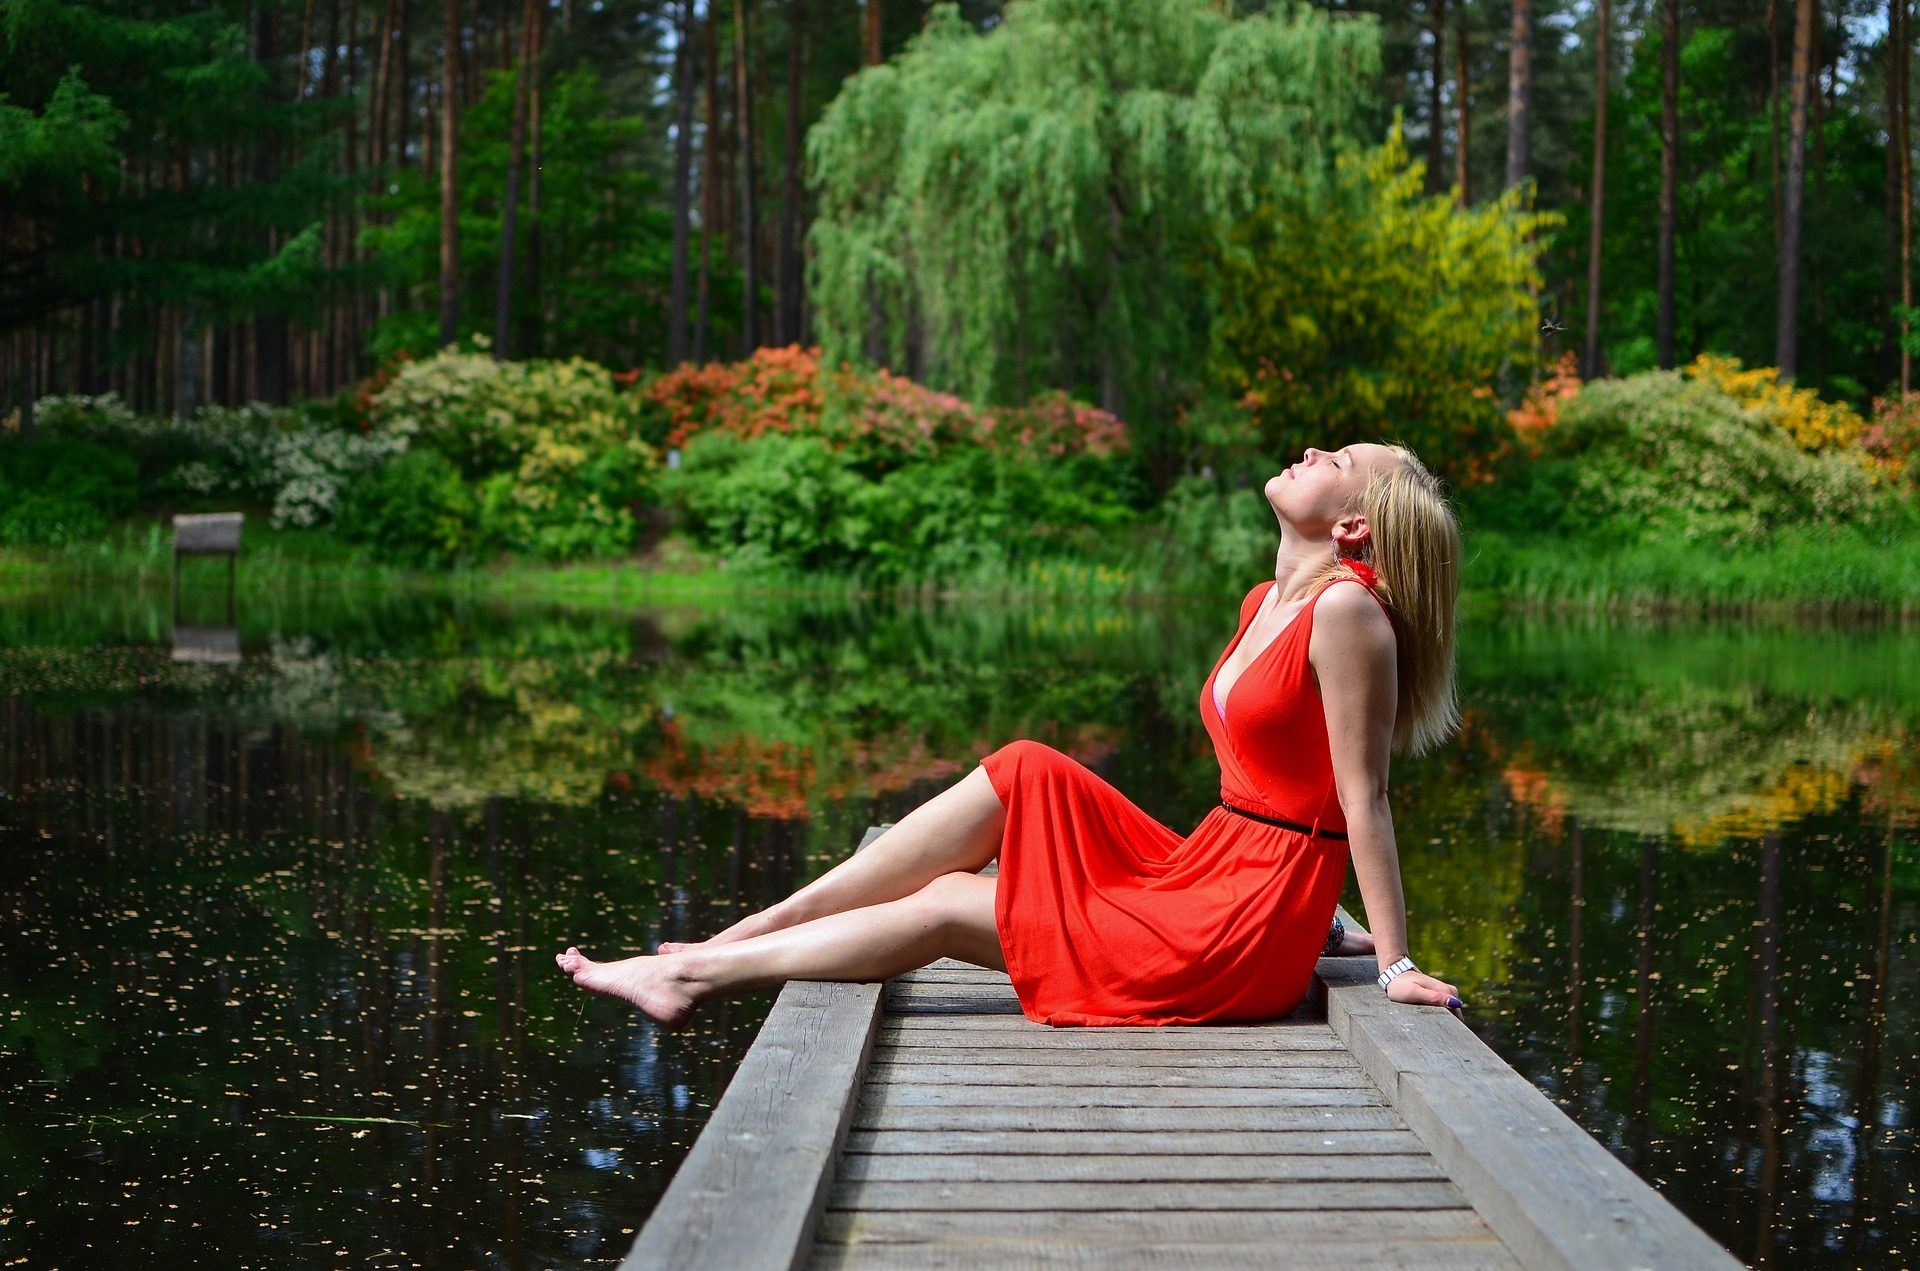 femme, robe, Rouge, Embarcadero, Lake, se détendre, Forest - Fonds d'écran HD - Professor-falken.com